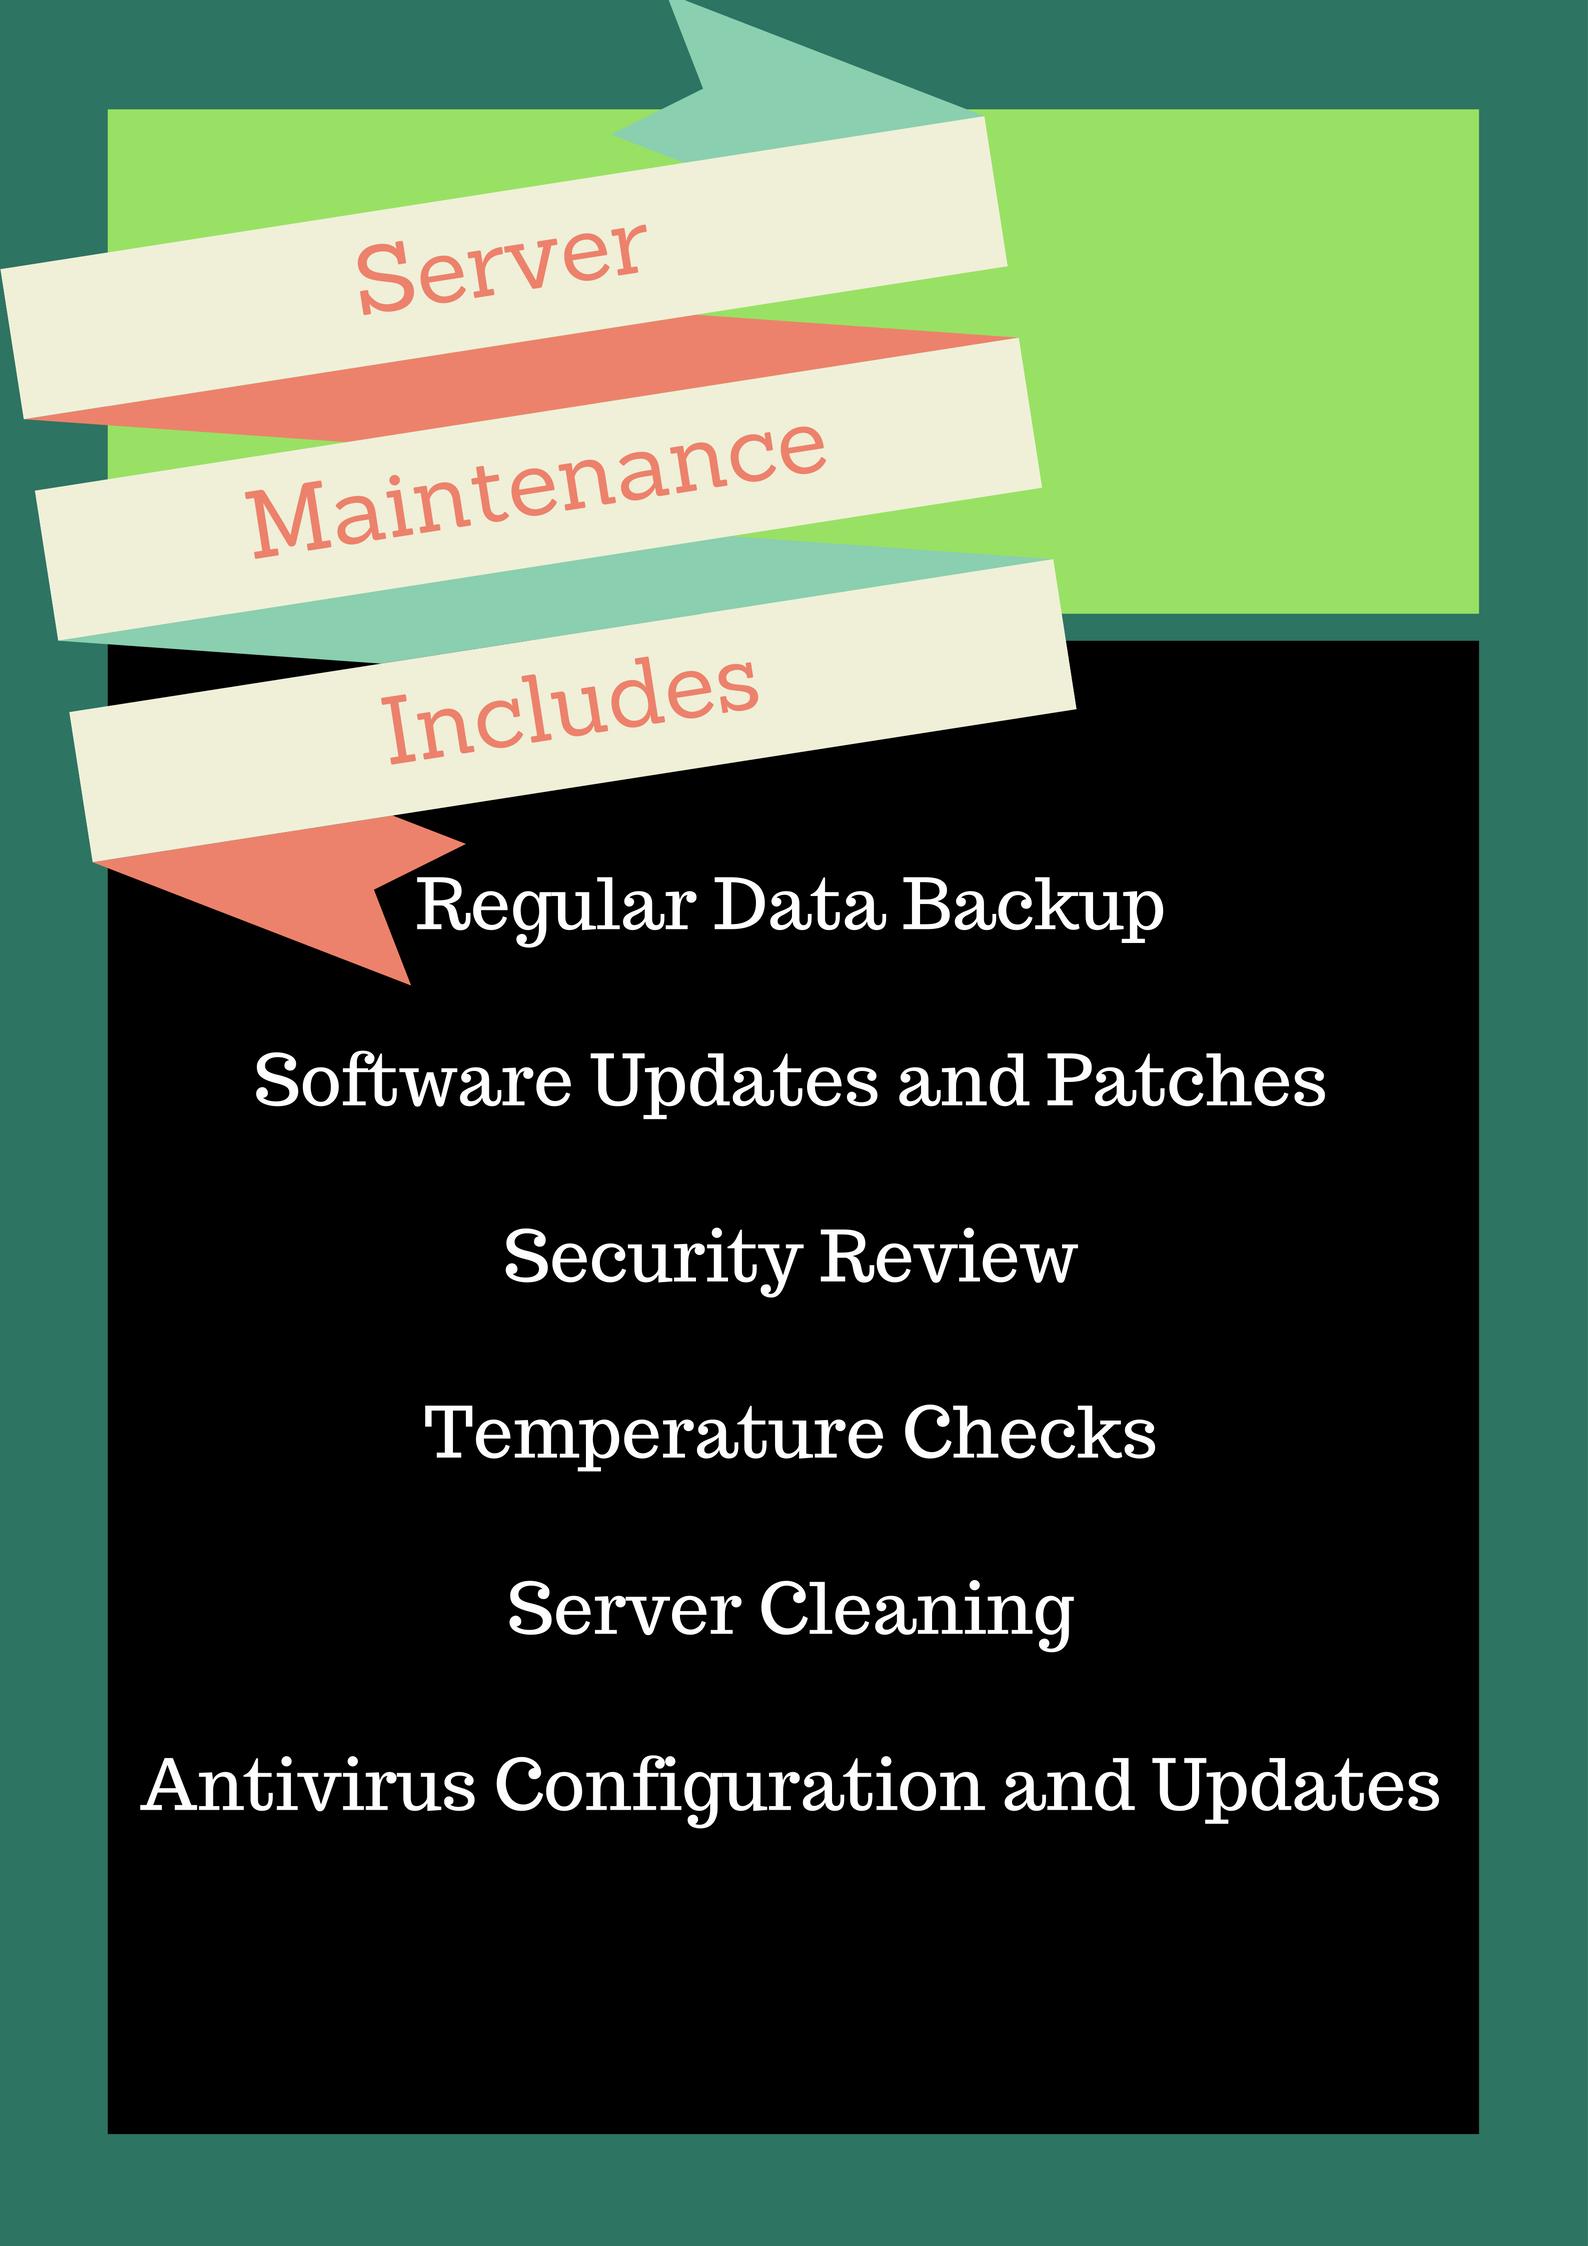 how to do server maintenance